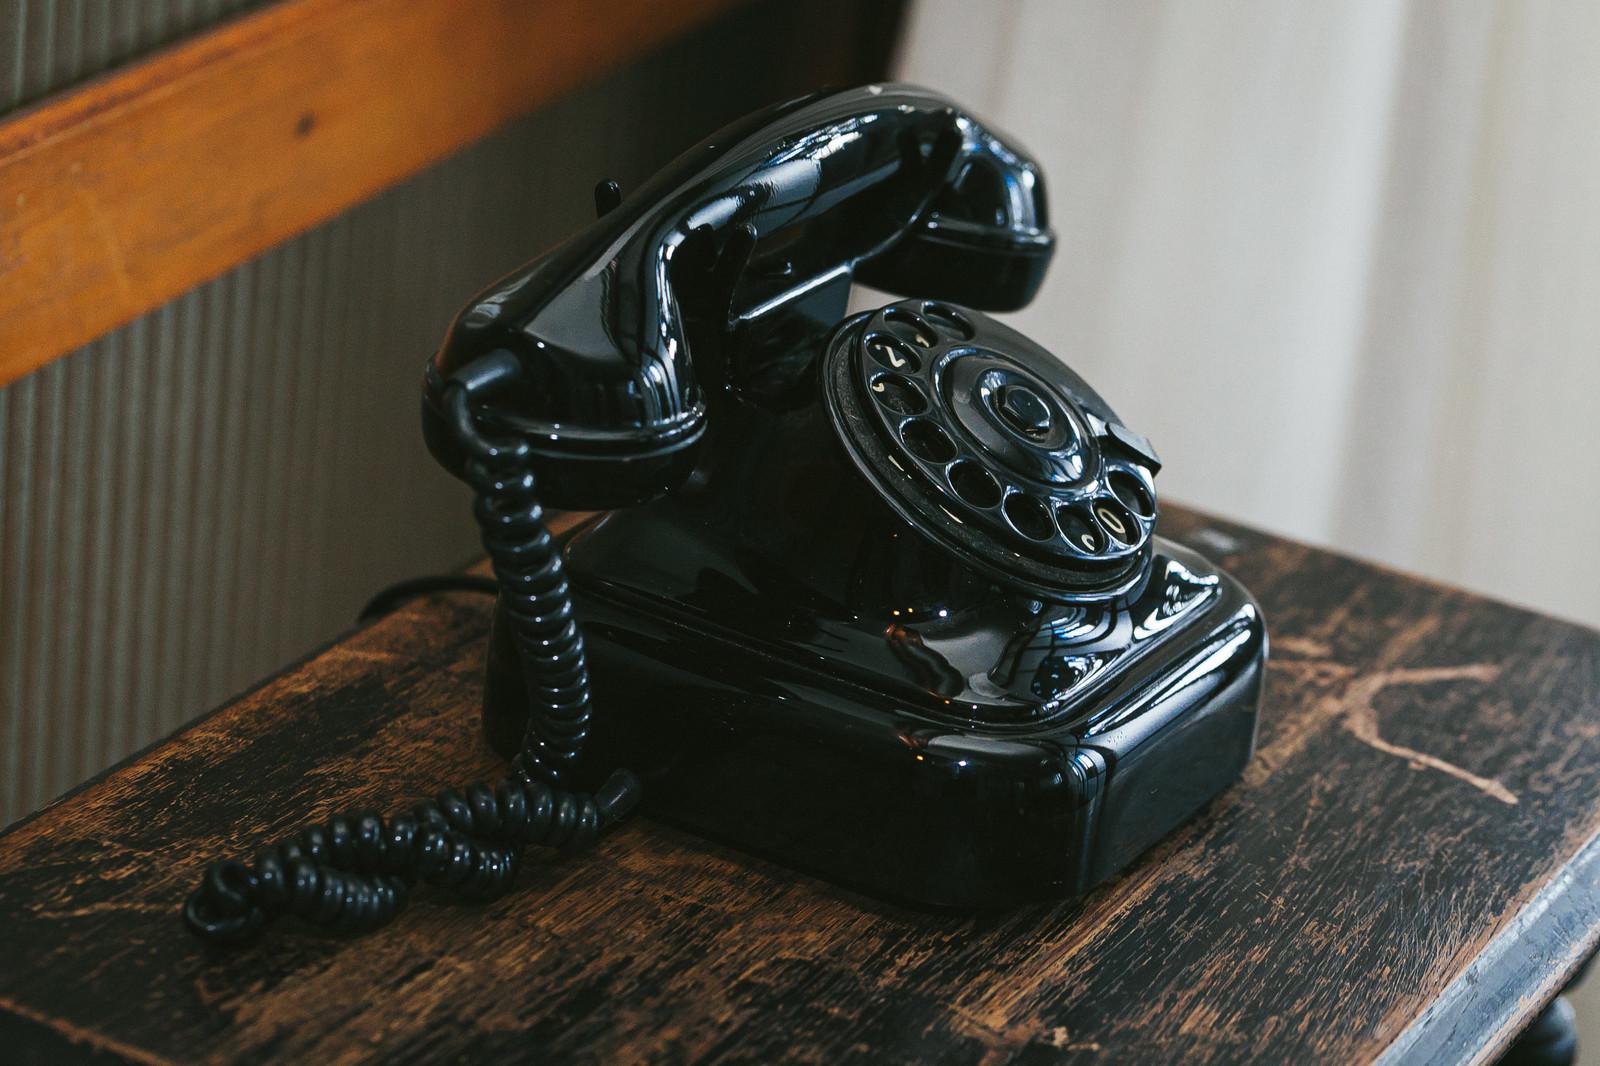 Skype(スカイプ)は電話番号がバレる?非公開にする設定は?のサムネイル画像